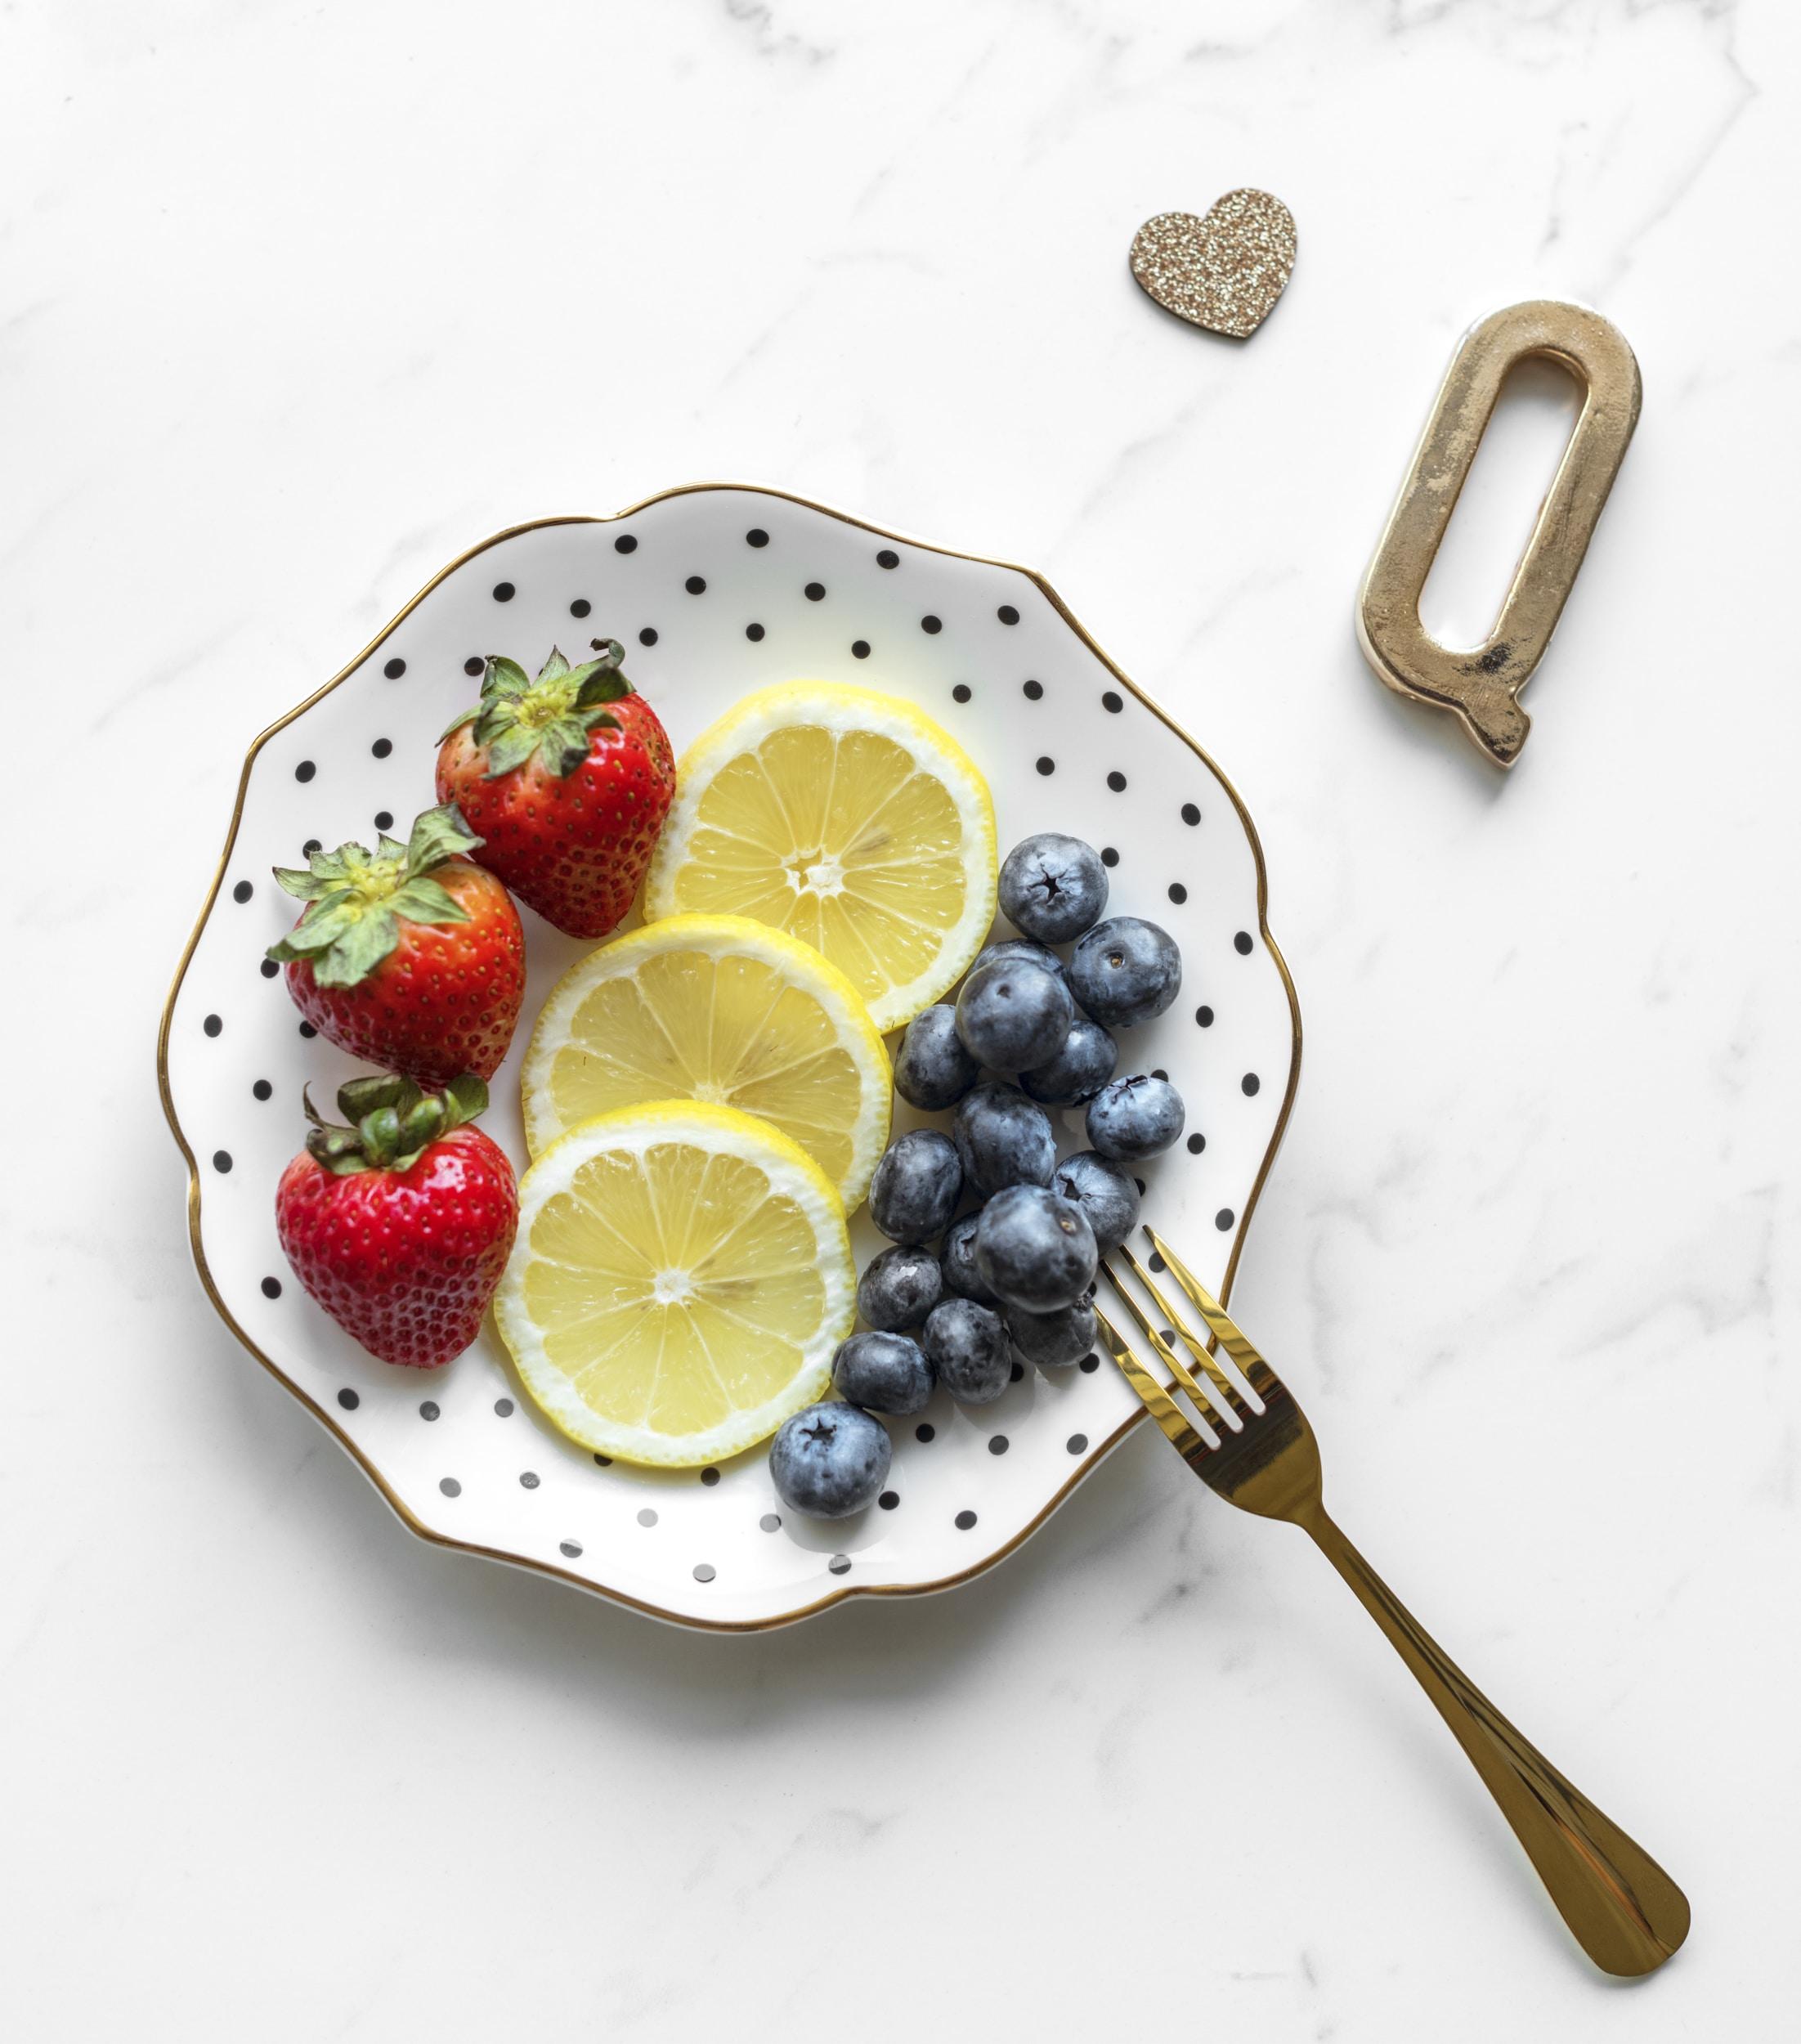 strawberries, blueberries and sliced lemons on round white and black polka-dot ceramic plate